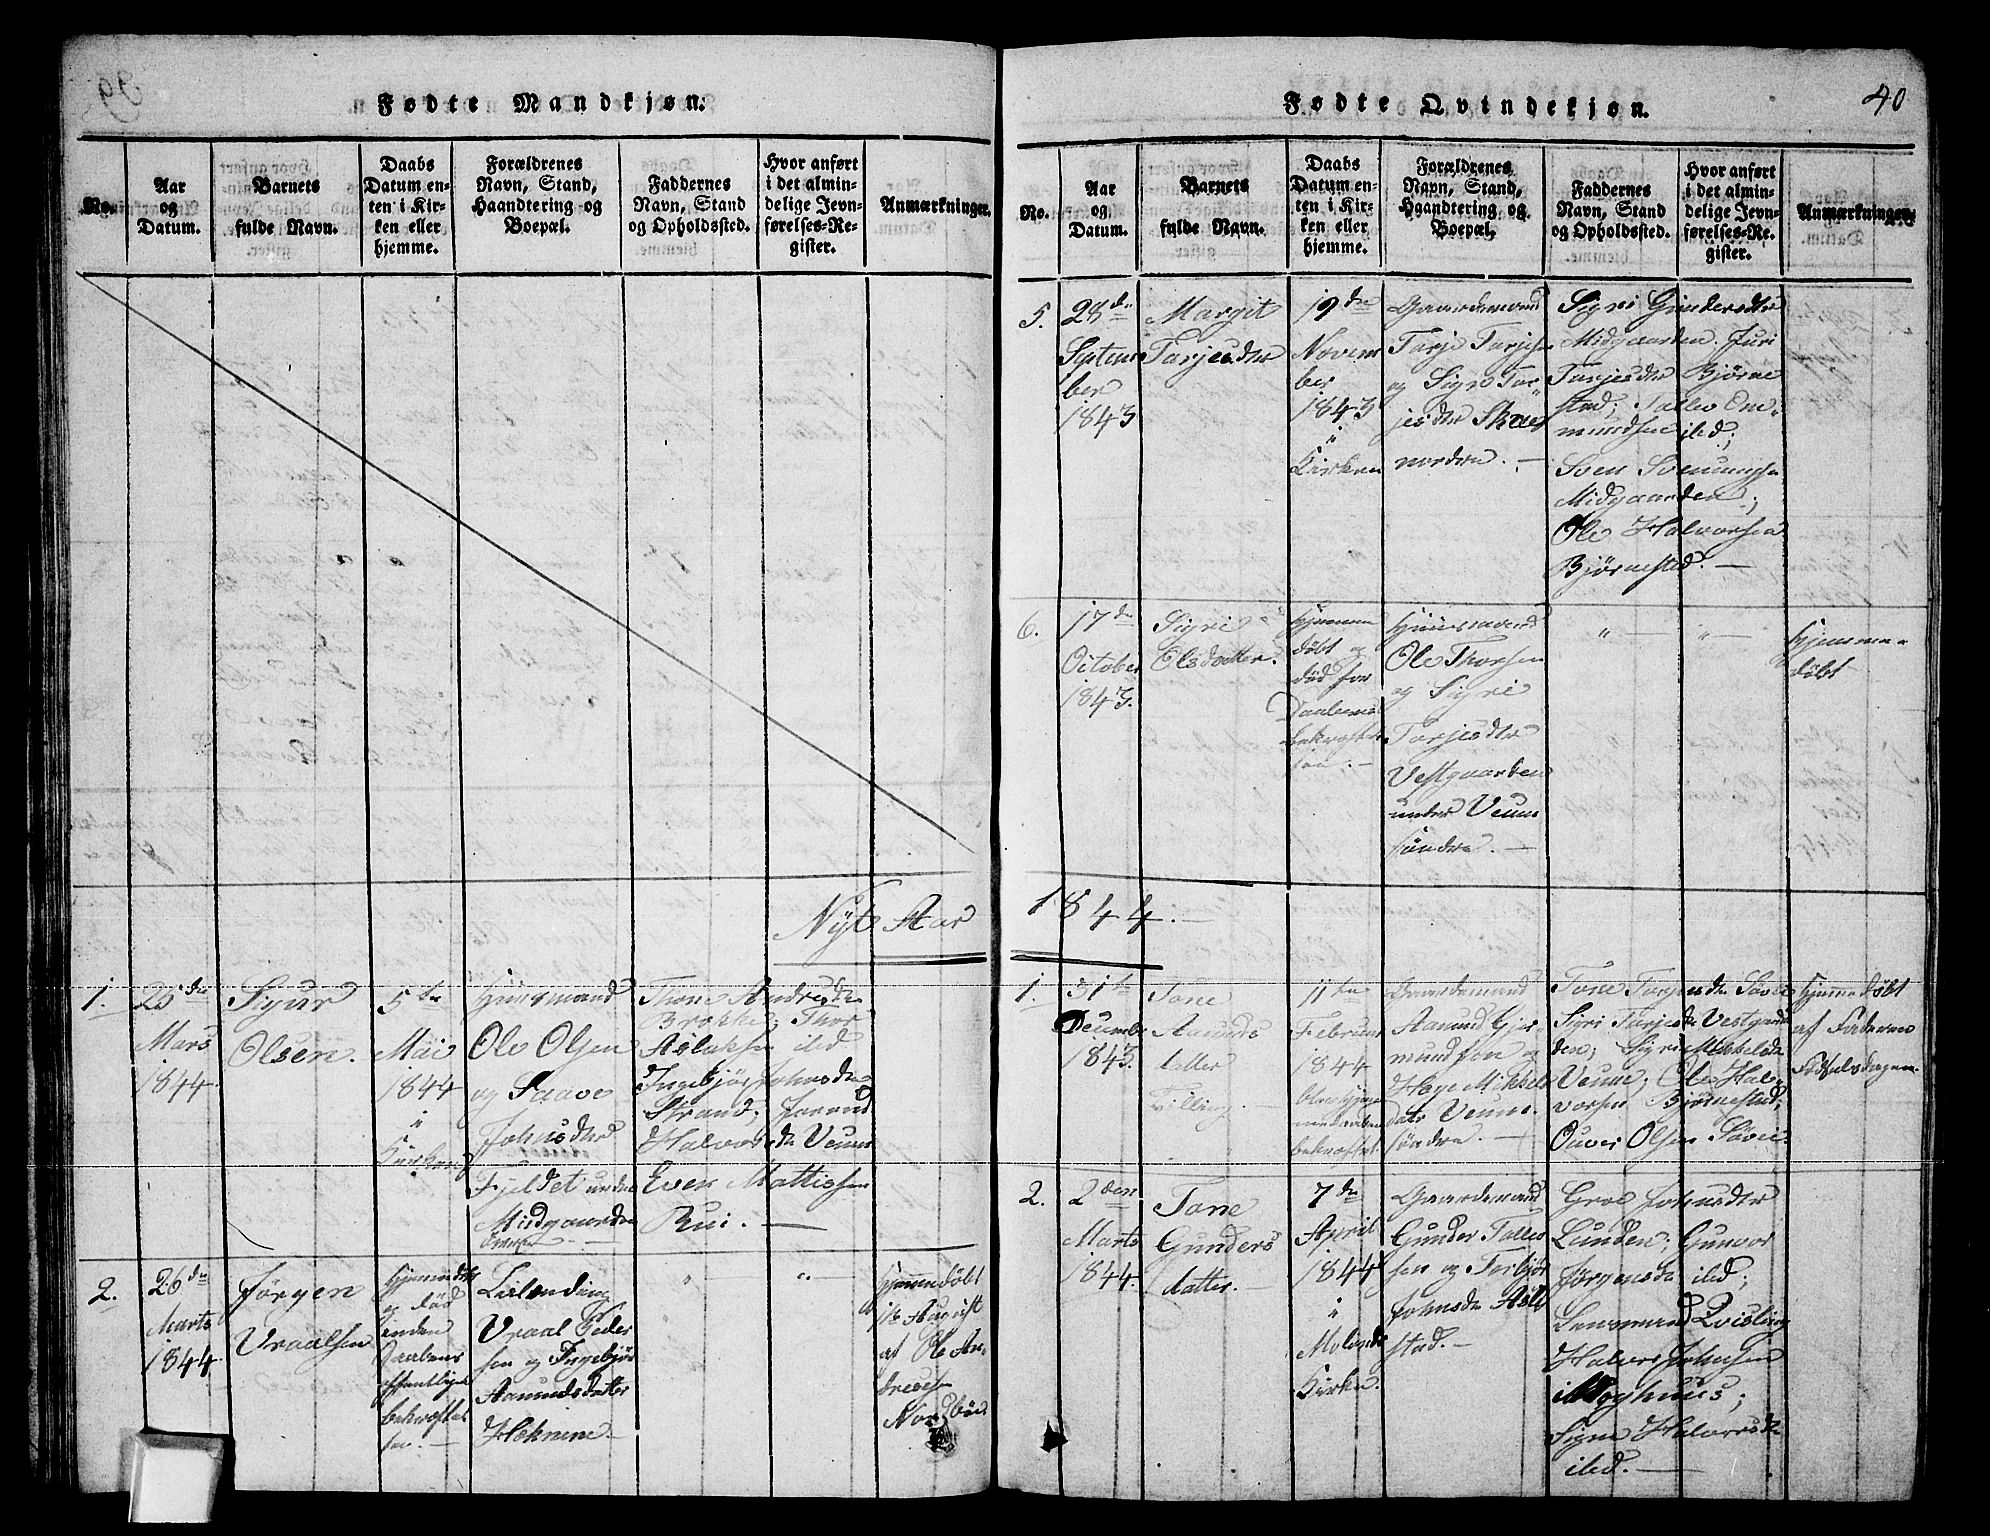 SAKO, Fyresdal kirkebøker, G/Ga/L0003: Klokkerbok nr. I 3, 1815-1863, s. 40